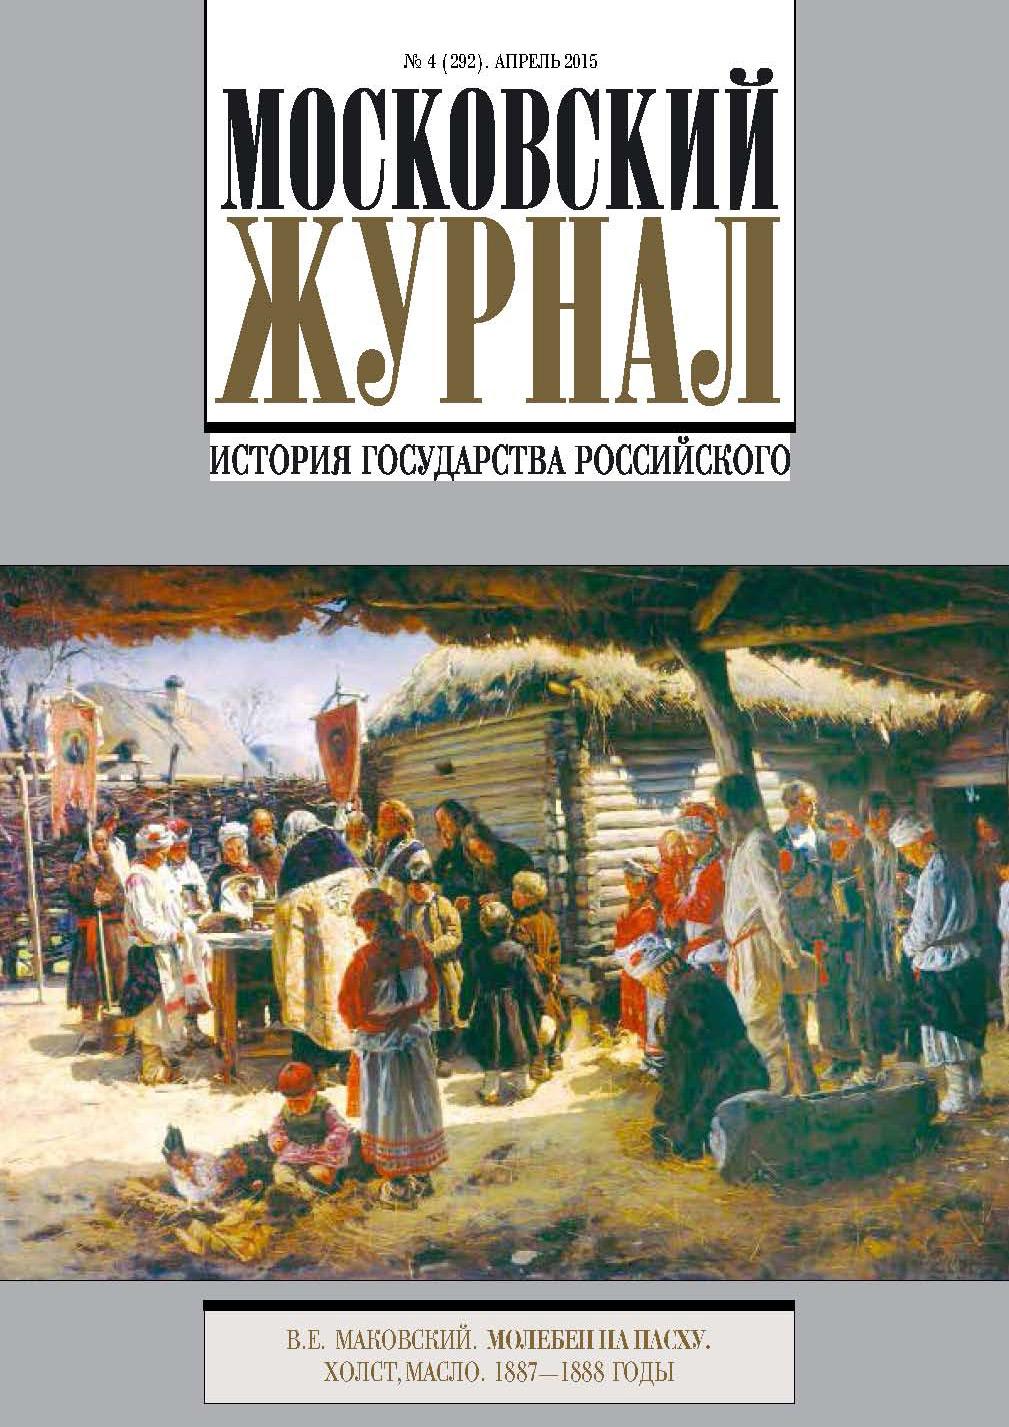 Московский Журнал. История государства Российского №4 (292) 2015